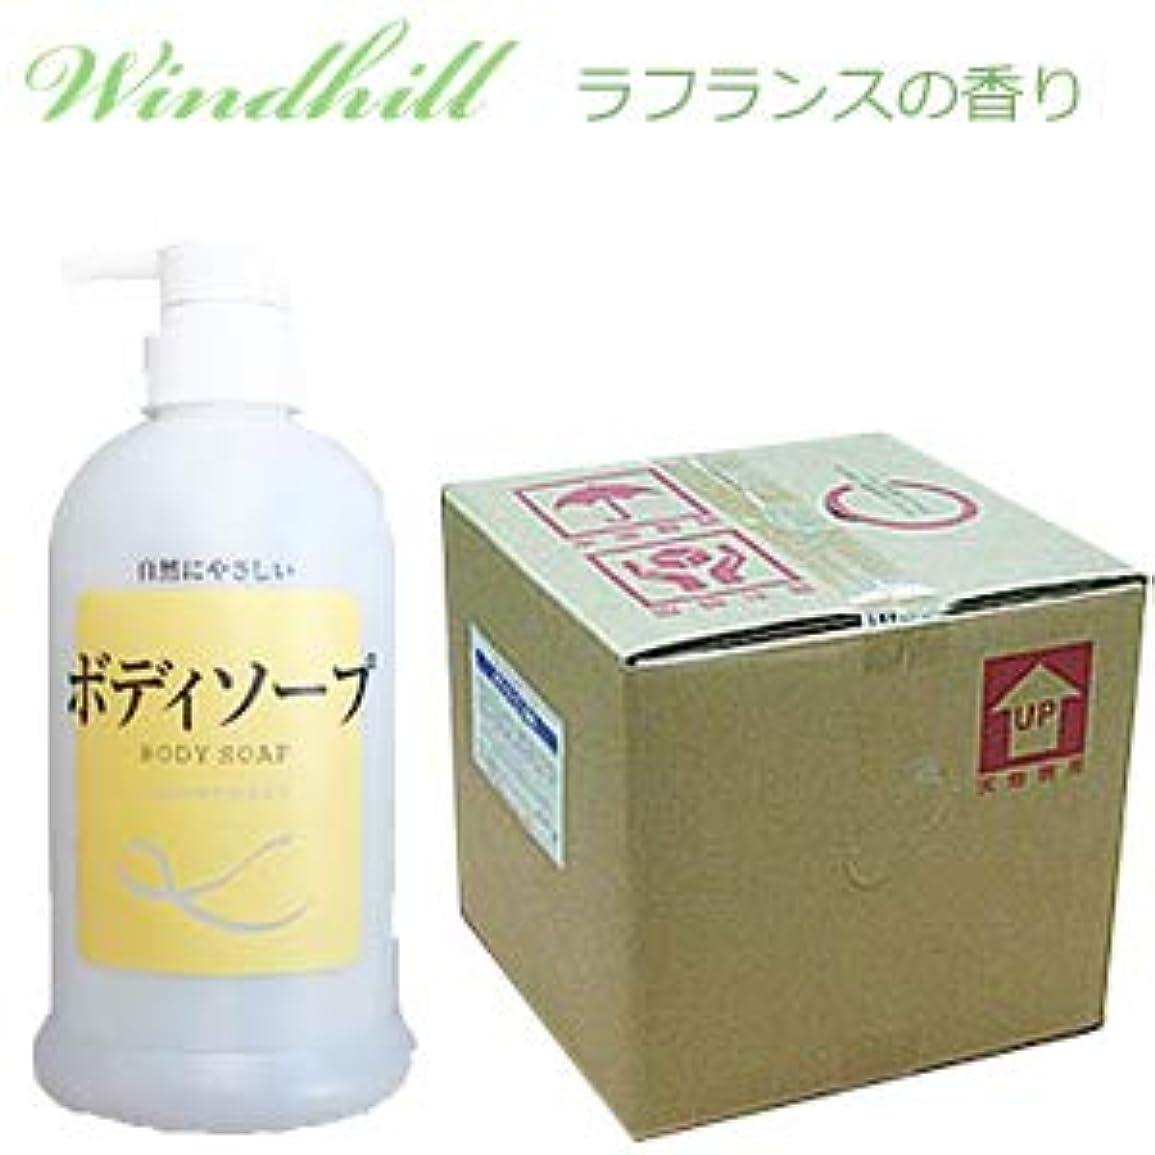 因子月曜曲げるなんと! 500ml当り173円 Windhill 植物性 業務用 ボディソープ  爽やかなラフランスの香り 20L